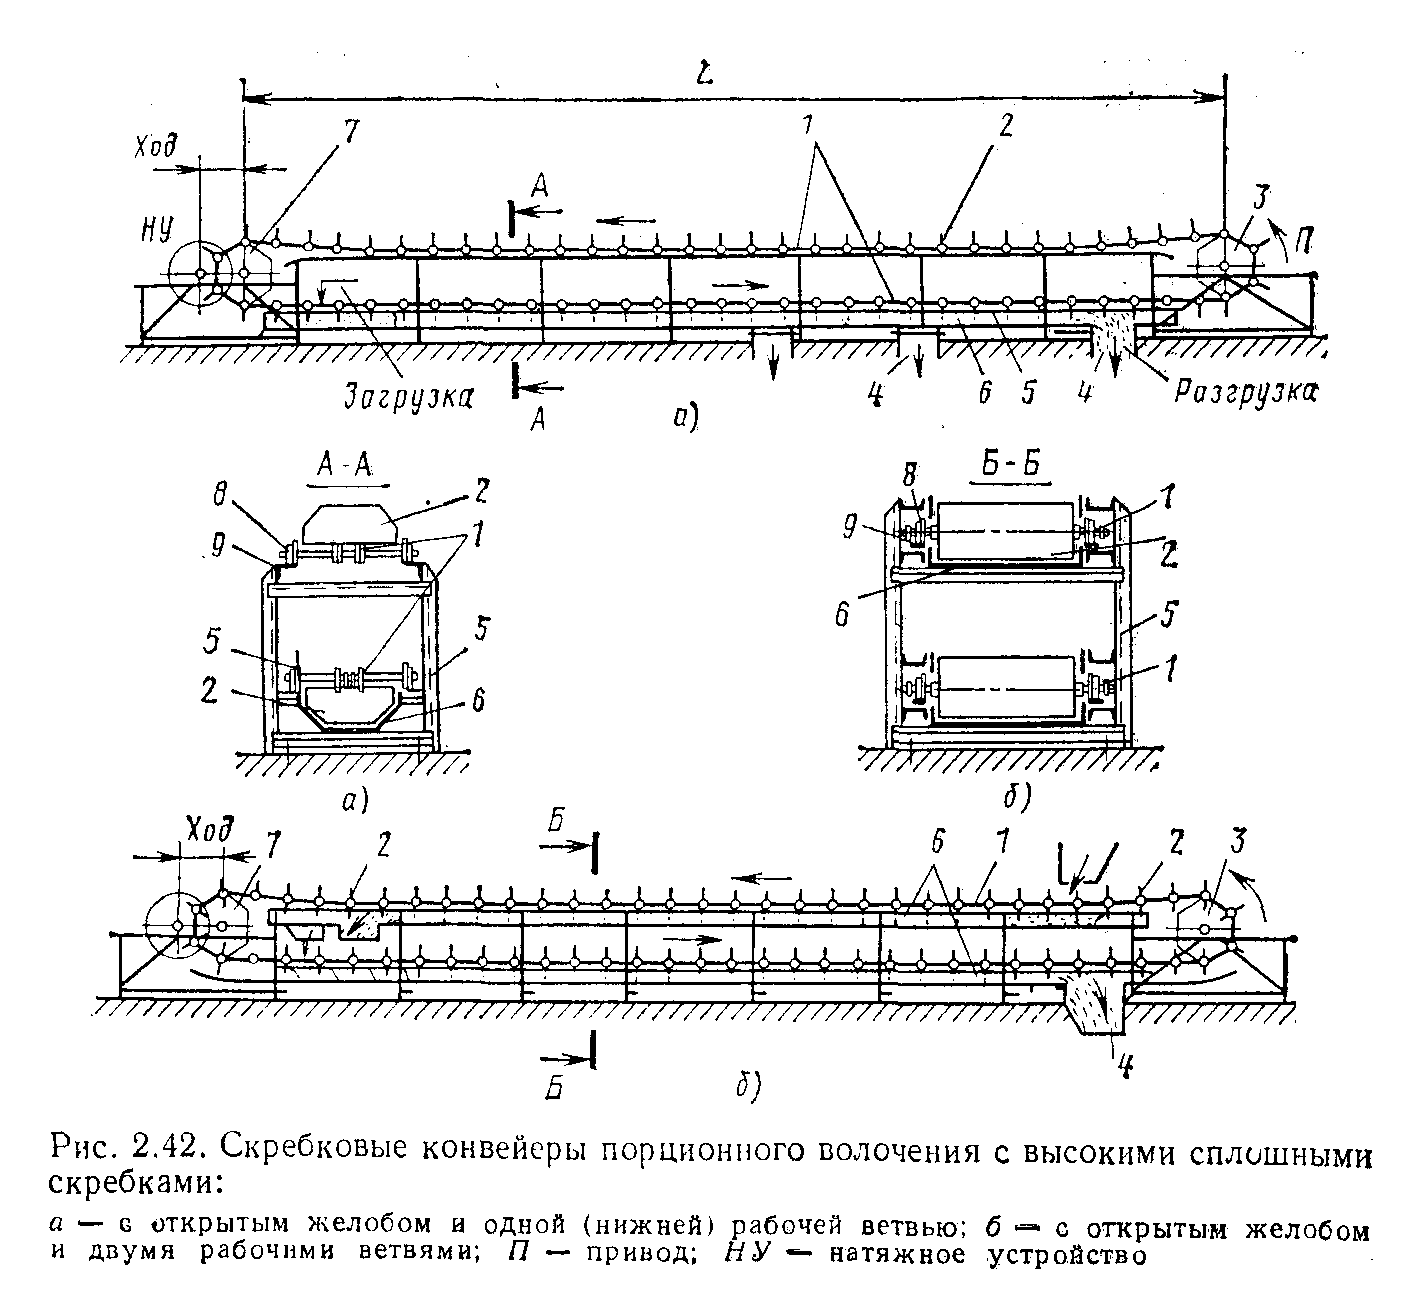 2 основные параметры конвейера